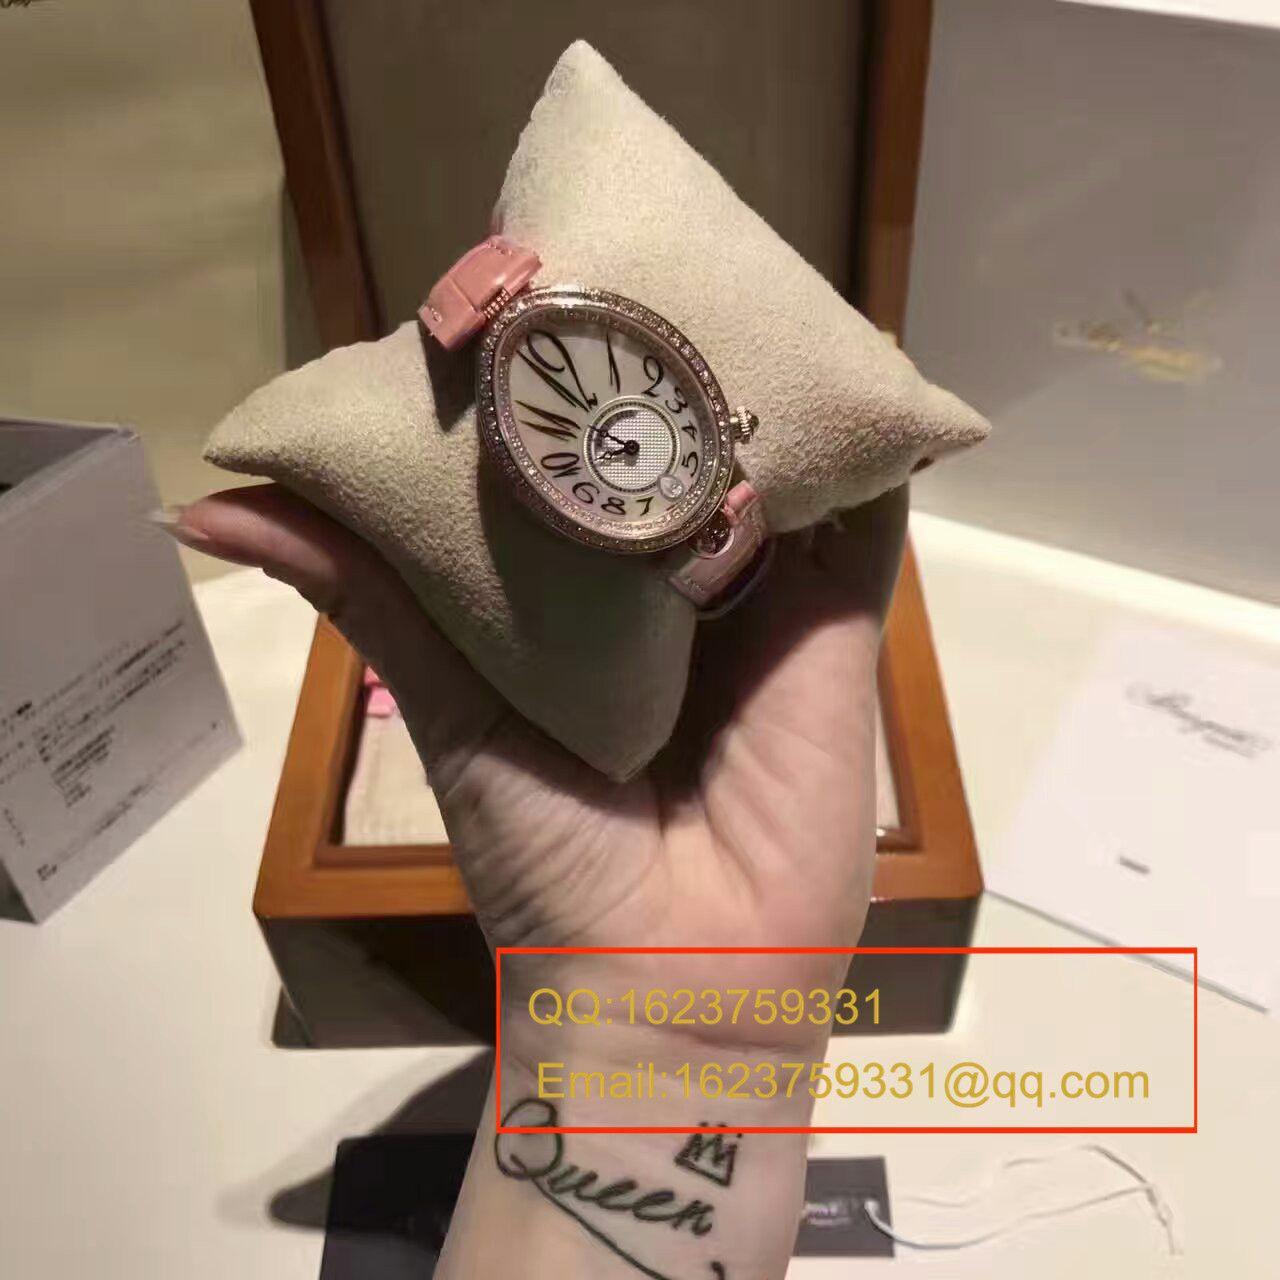 【顶级复刻、女性独享】Breguet宝玑那不勒斯皇后系列8918BR/58/864 D00D腕表 / BZ36